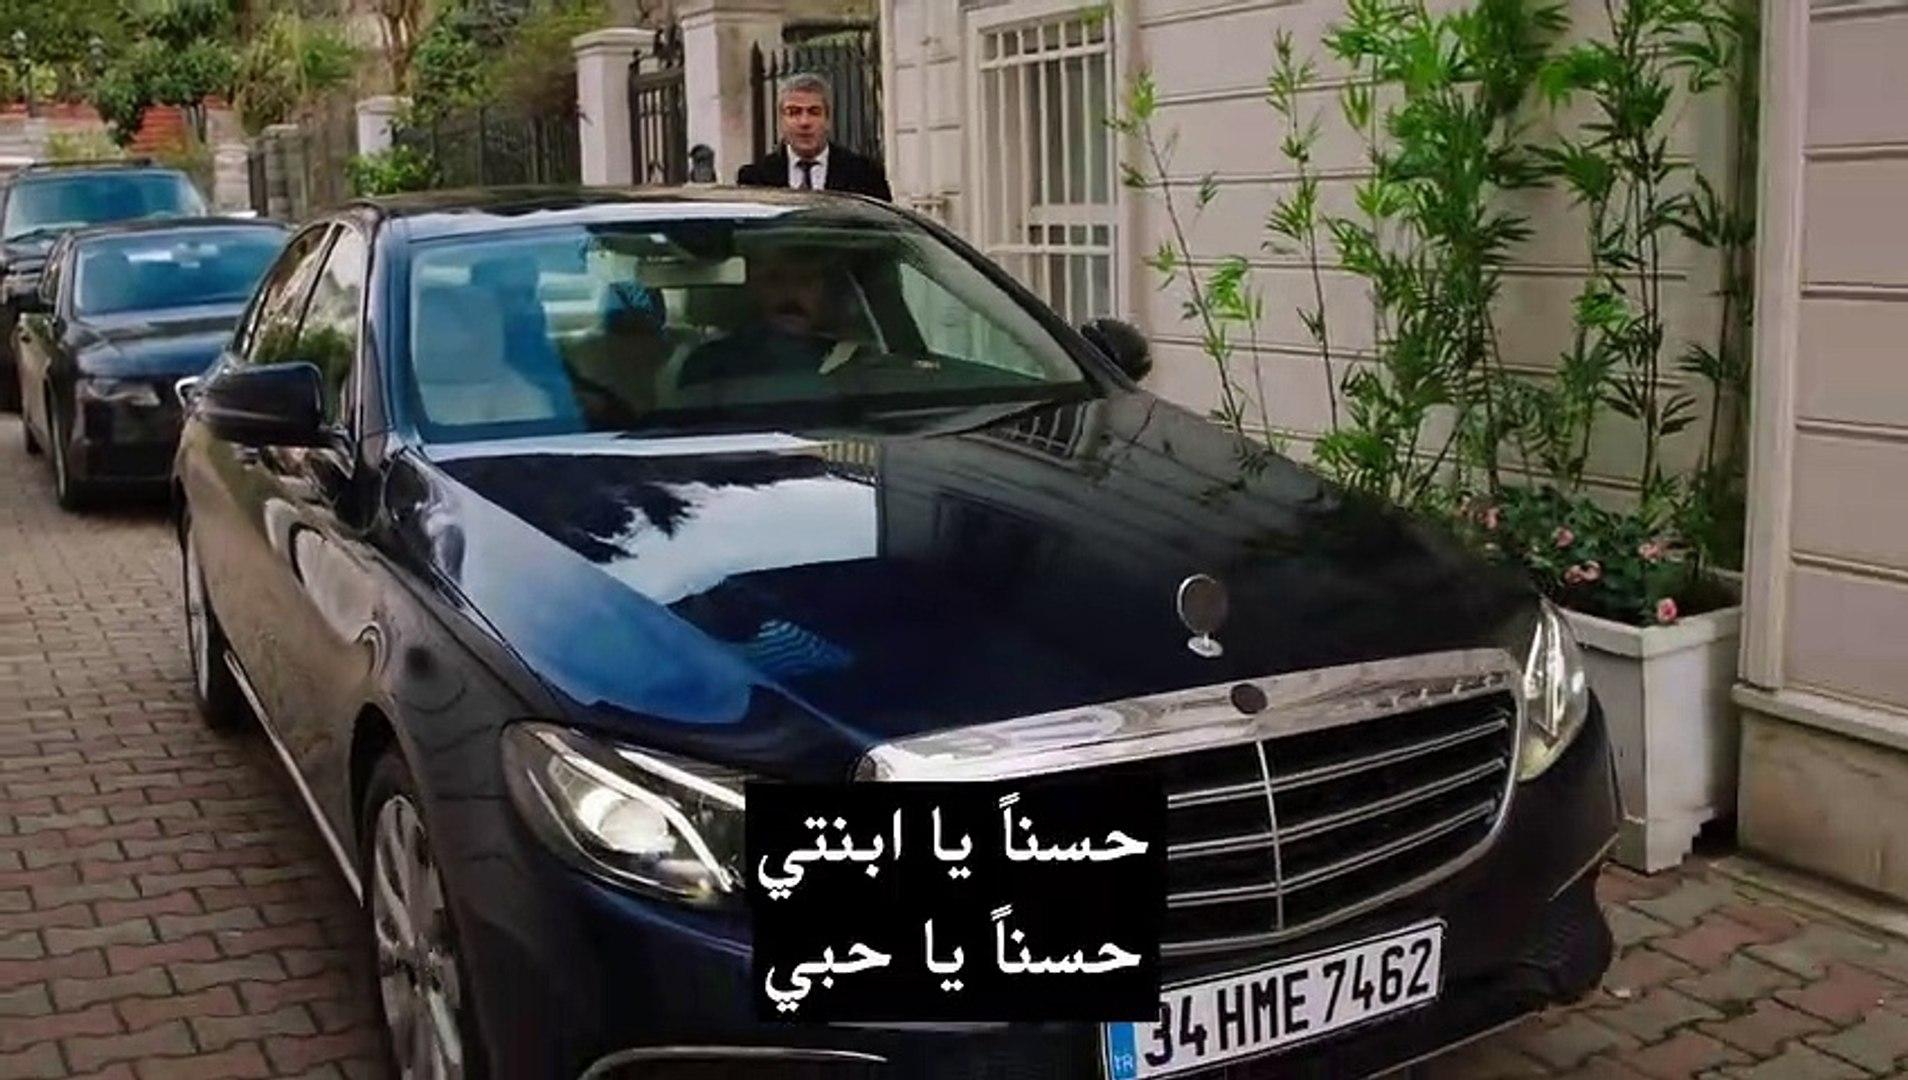 مسلسل زهرة الثالوث مترجم للعربية - الحلقة 22 - الجزء 1